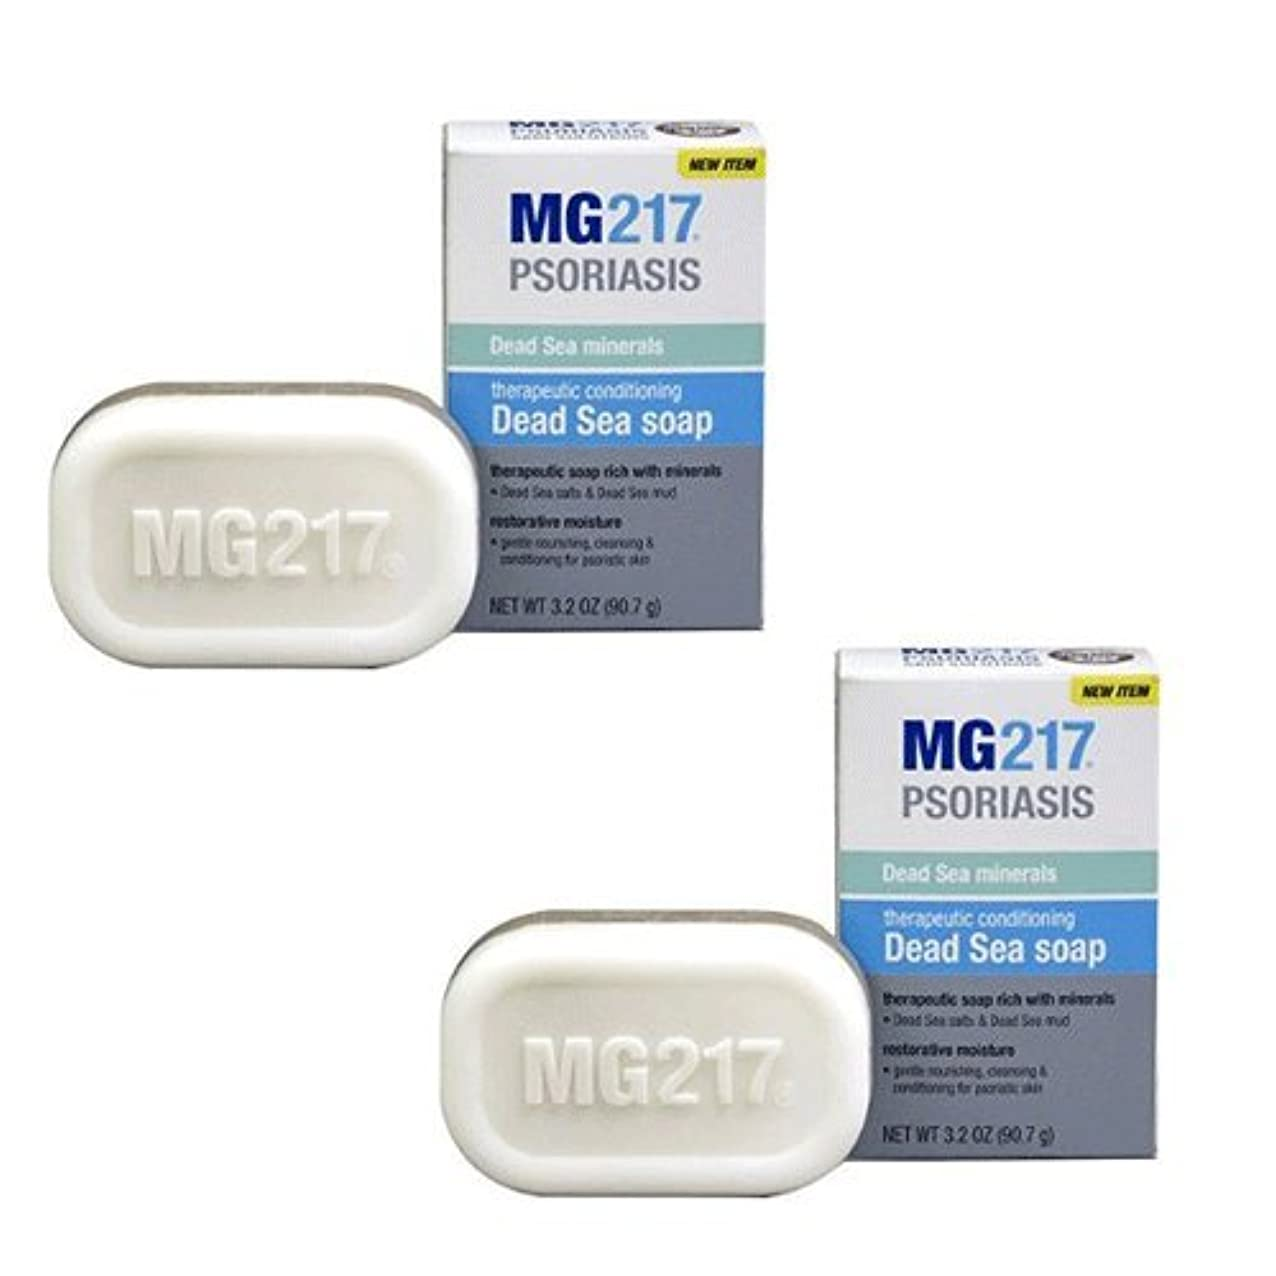 風景強要アルファベット2個セット 死海の泥とミネラルたっぷり MG217ソープ 90g MG217 Psoriasis Therapeutic Conditioning Dead Sea Bar Soap